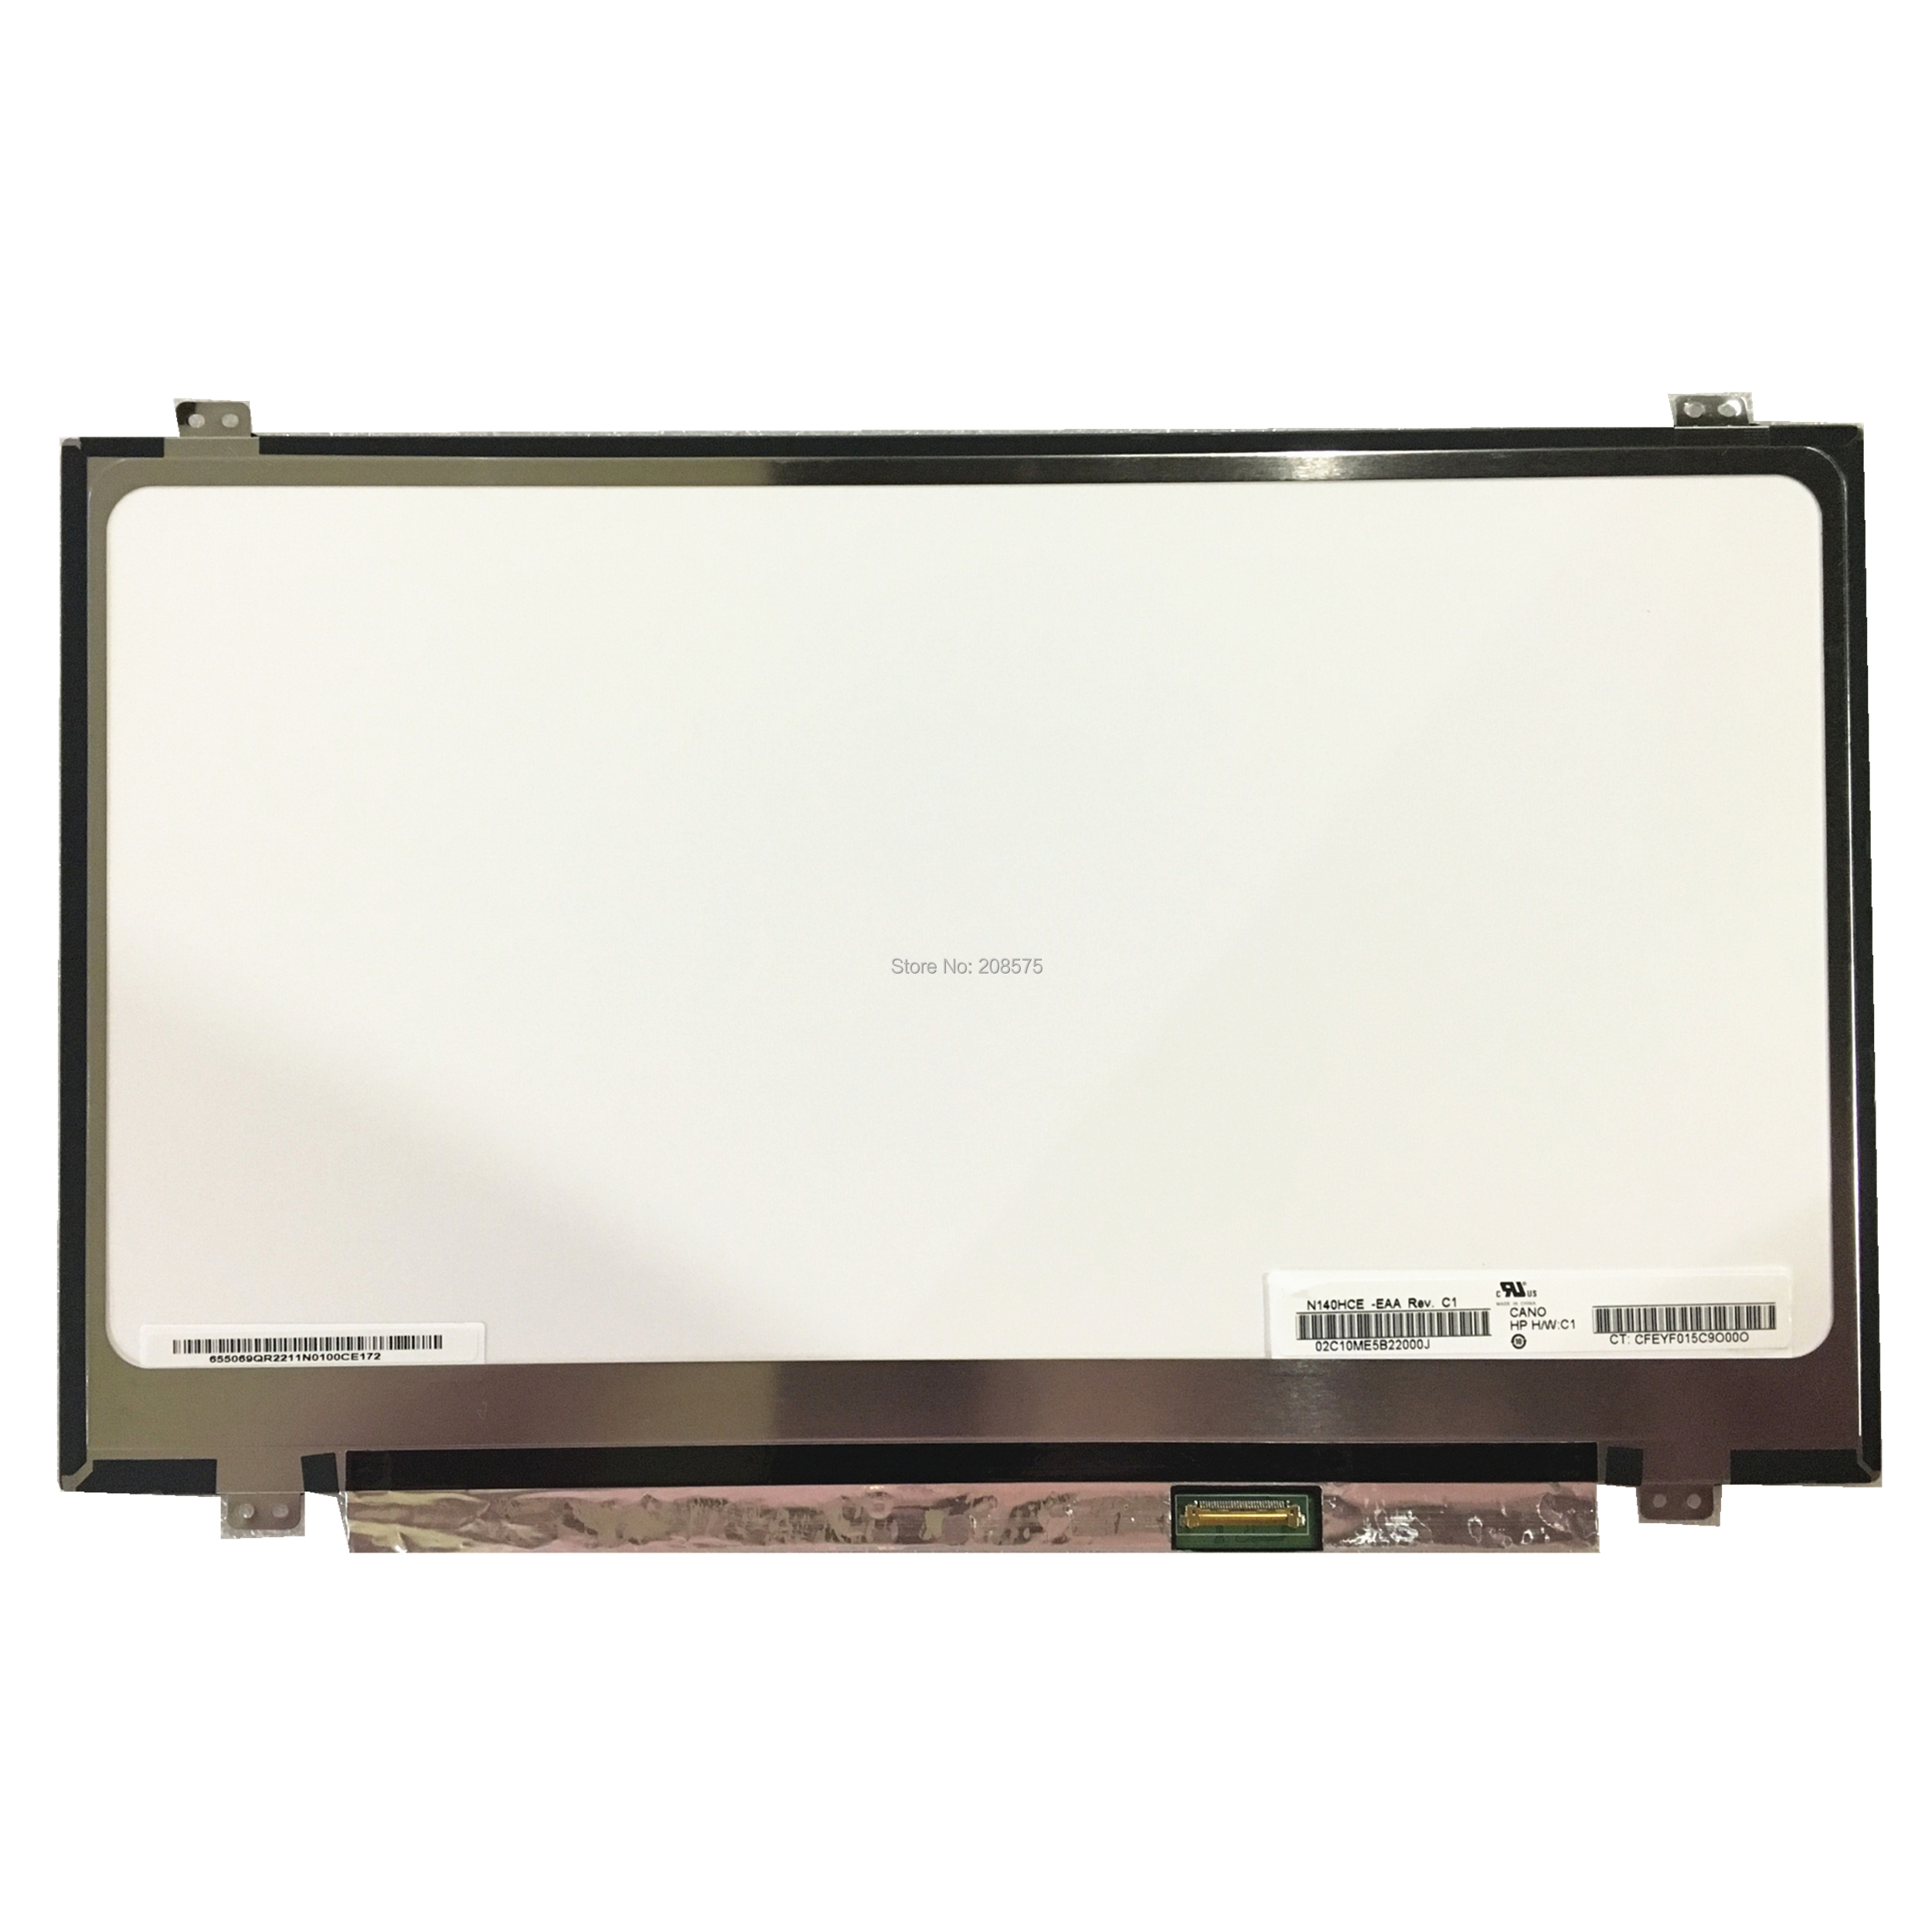 Free shipping N140HCE EAA N140HCE EAA N140HCE EAB N140HCE EBA EBB B140HAN02 0 14 inch slim